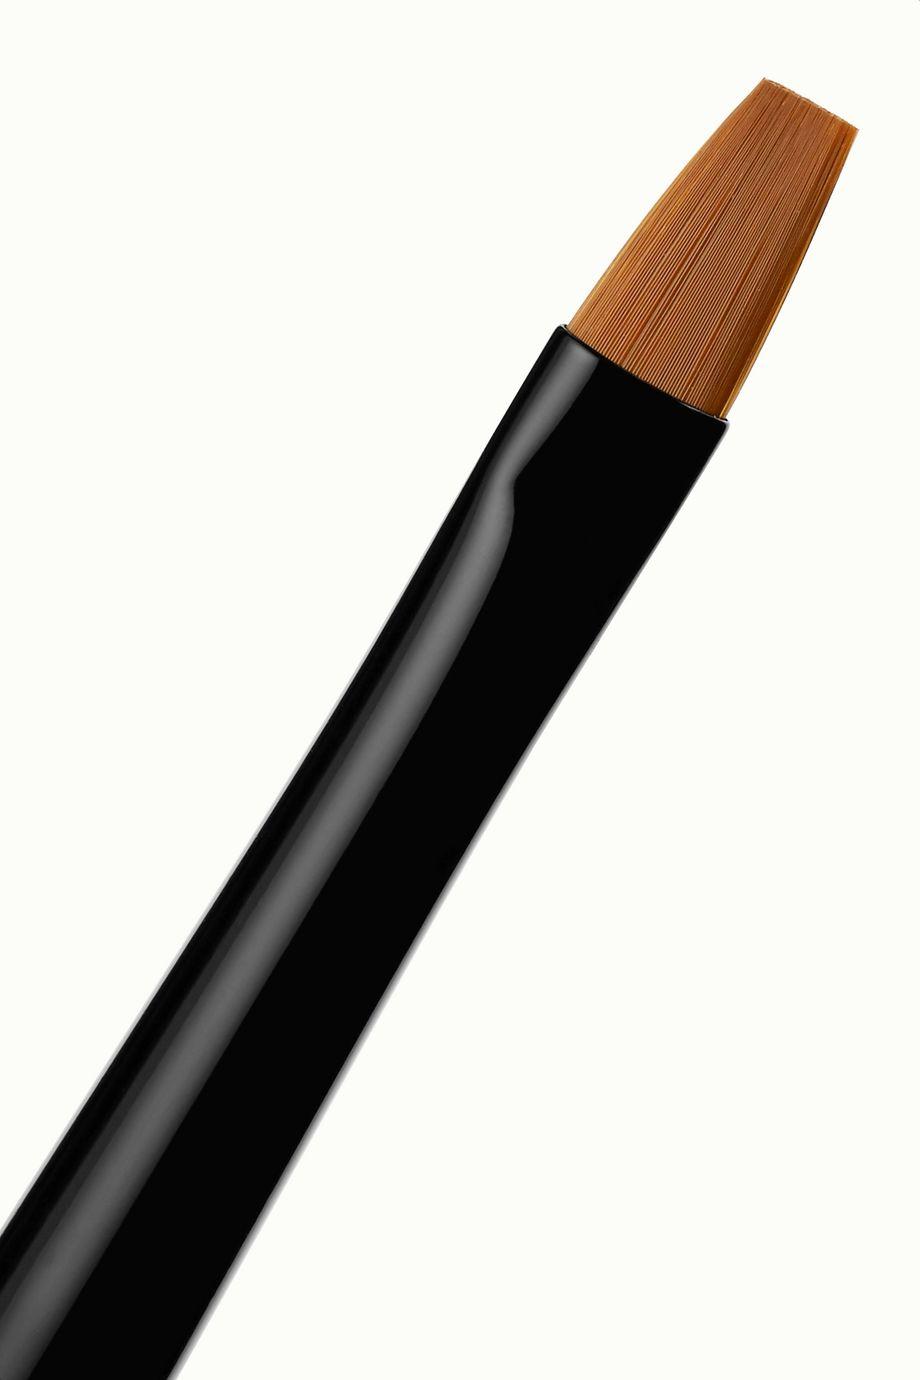 Rae Morris Jishaku 19 Lip Brush